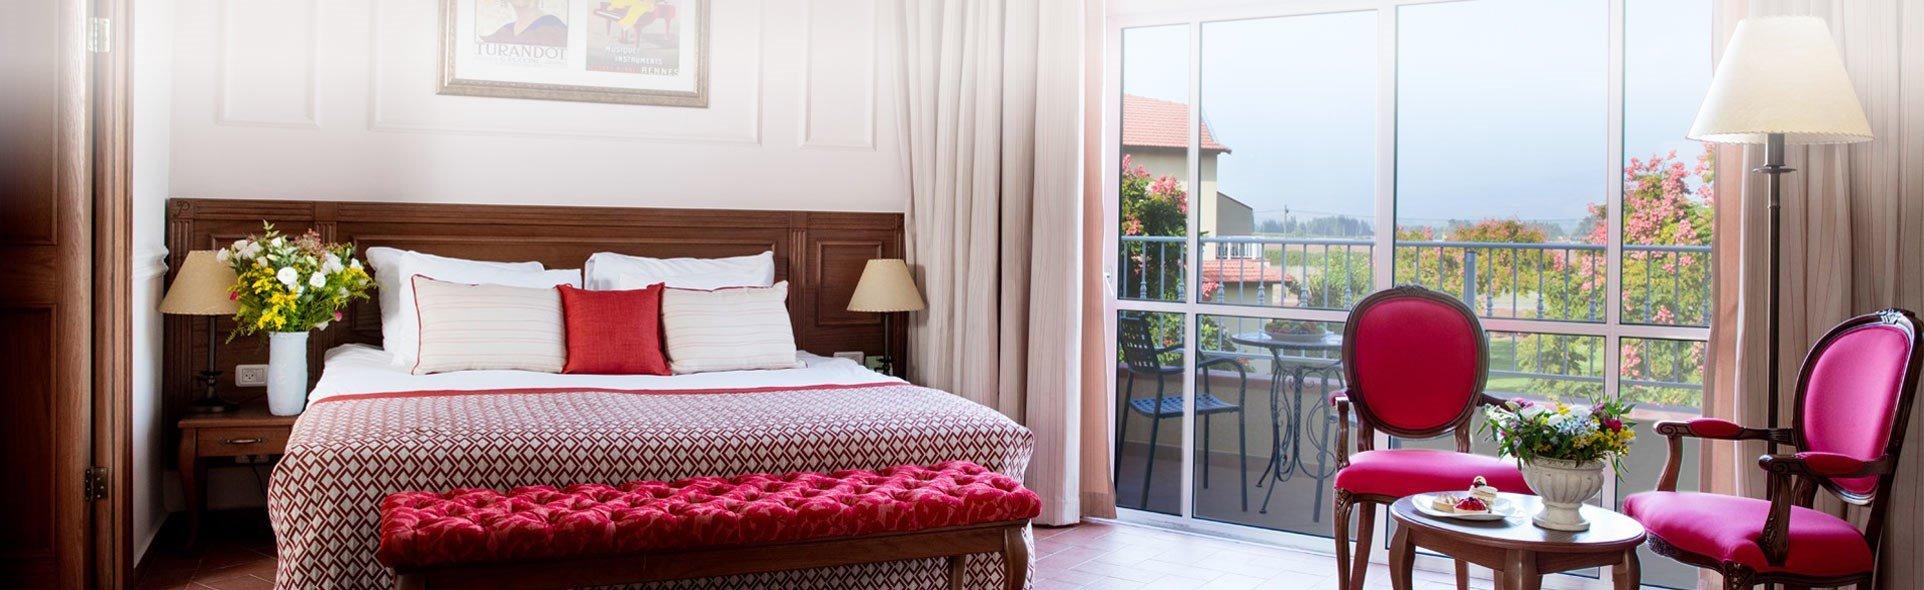 מלון פסטורל כפר בלום - חדר הבוטיק